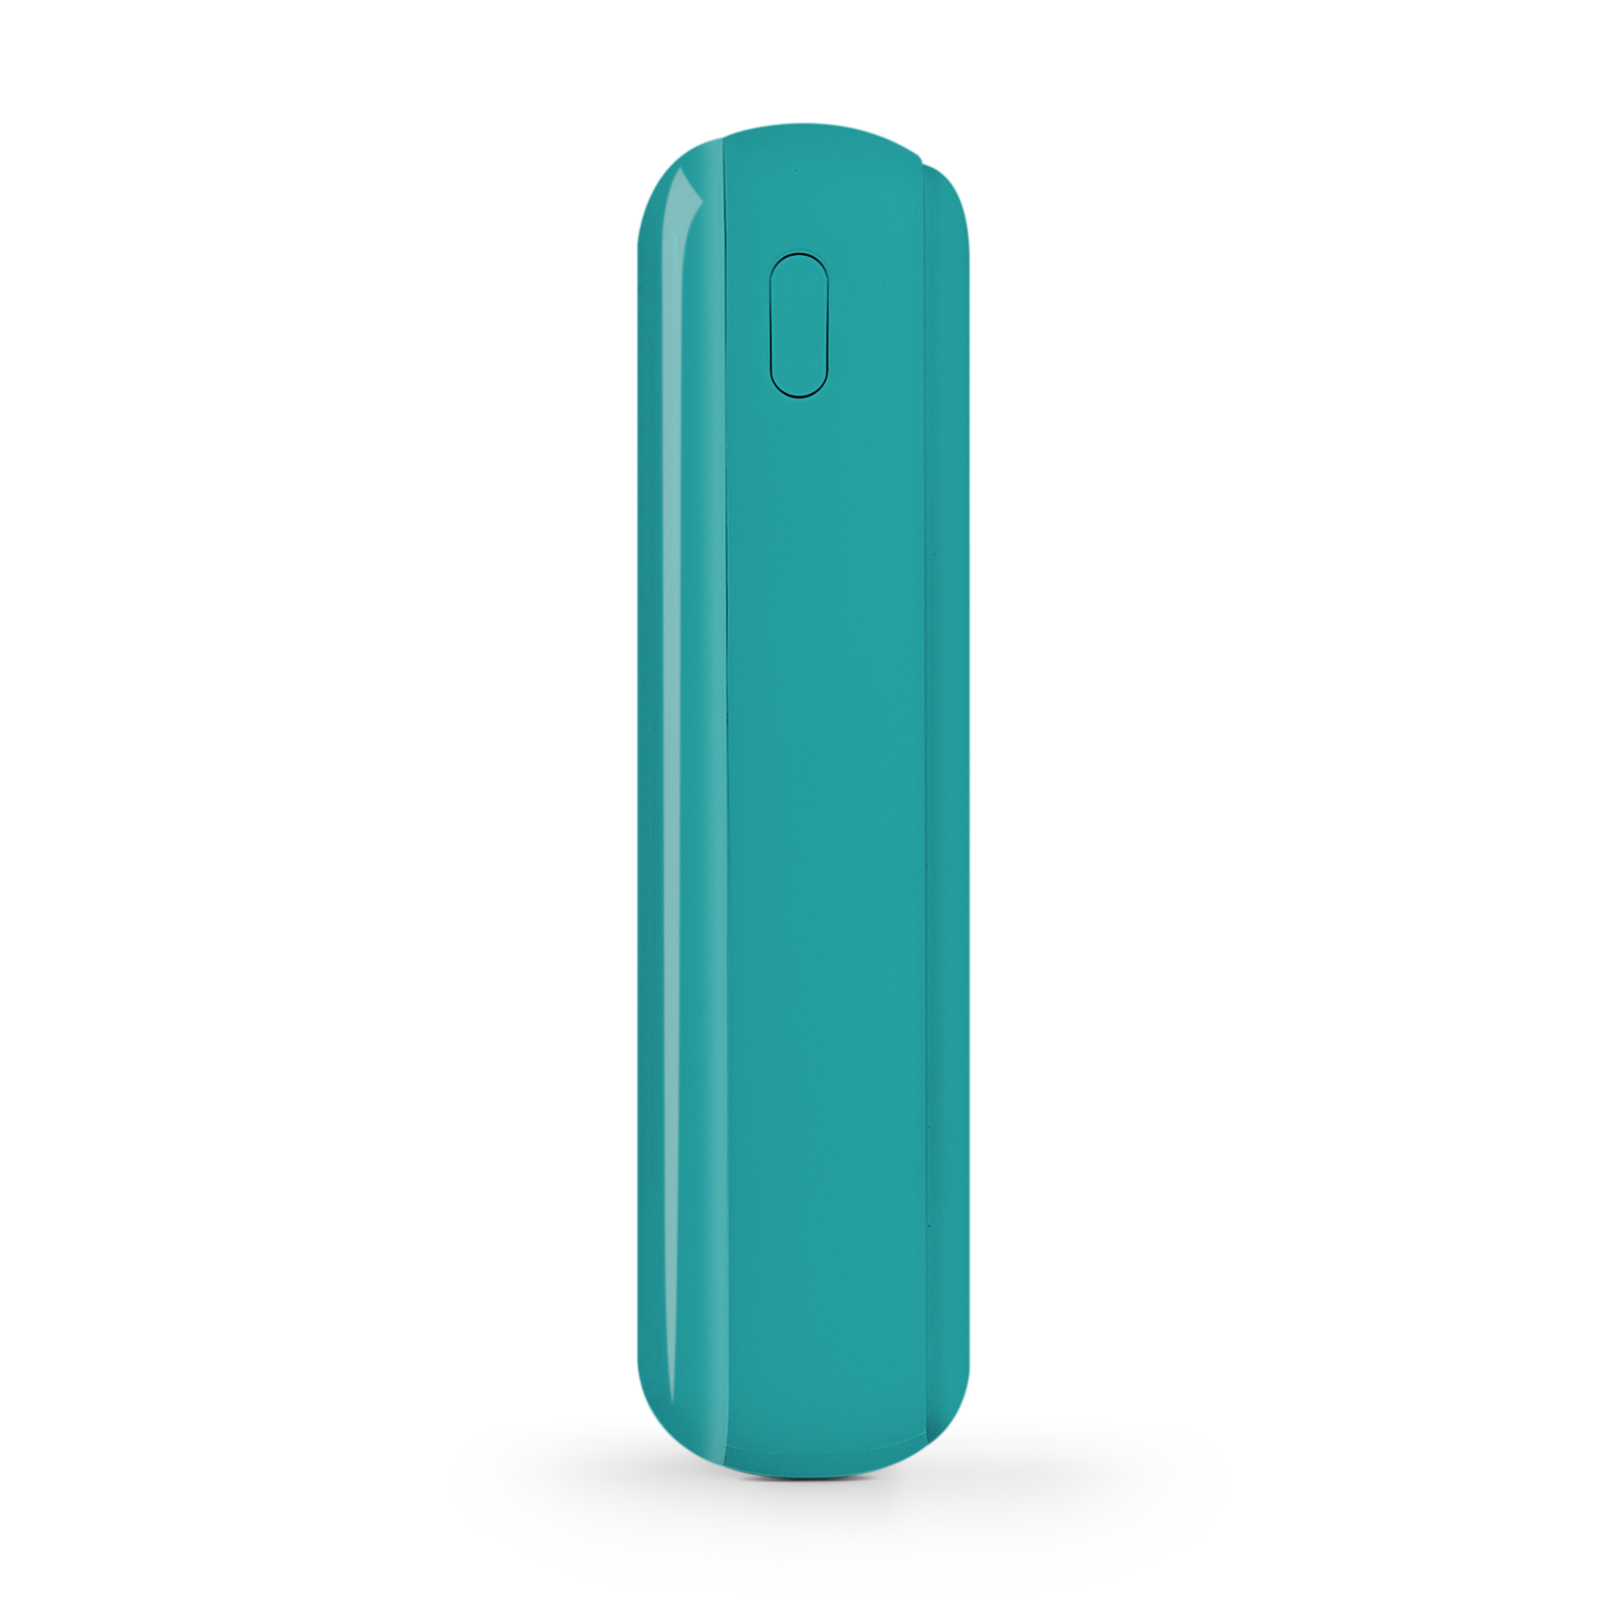 Външна батерия ReCharger 10.000mAh Universal Mobile Charger - Тюркоаз,116983